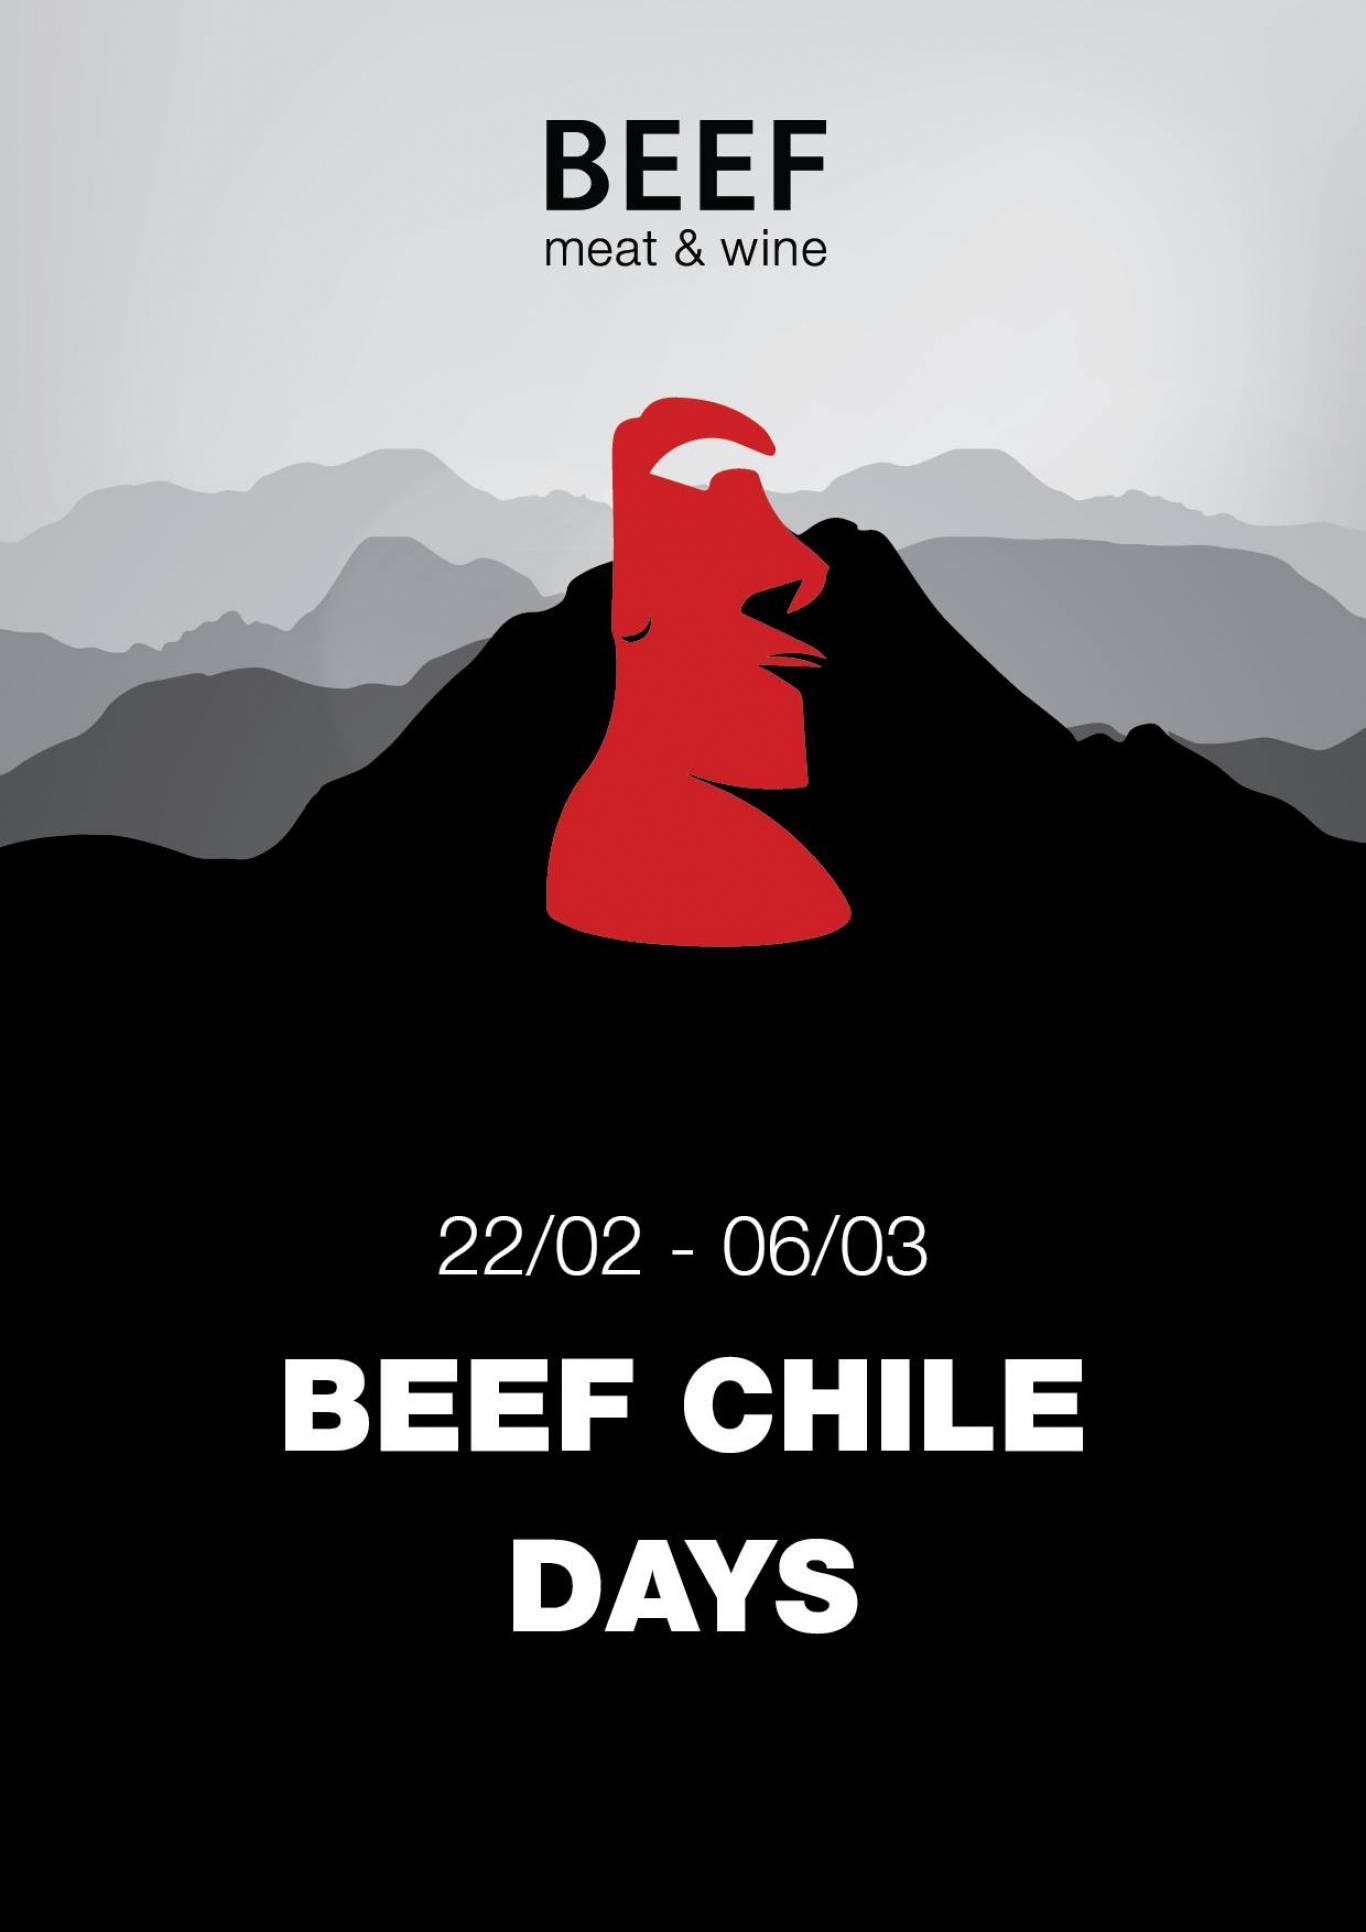 Дегустуємо м'ясо та вино на BEEF Chile Days